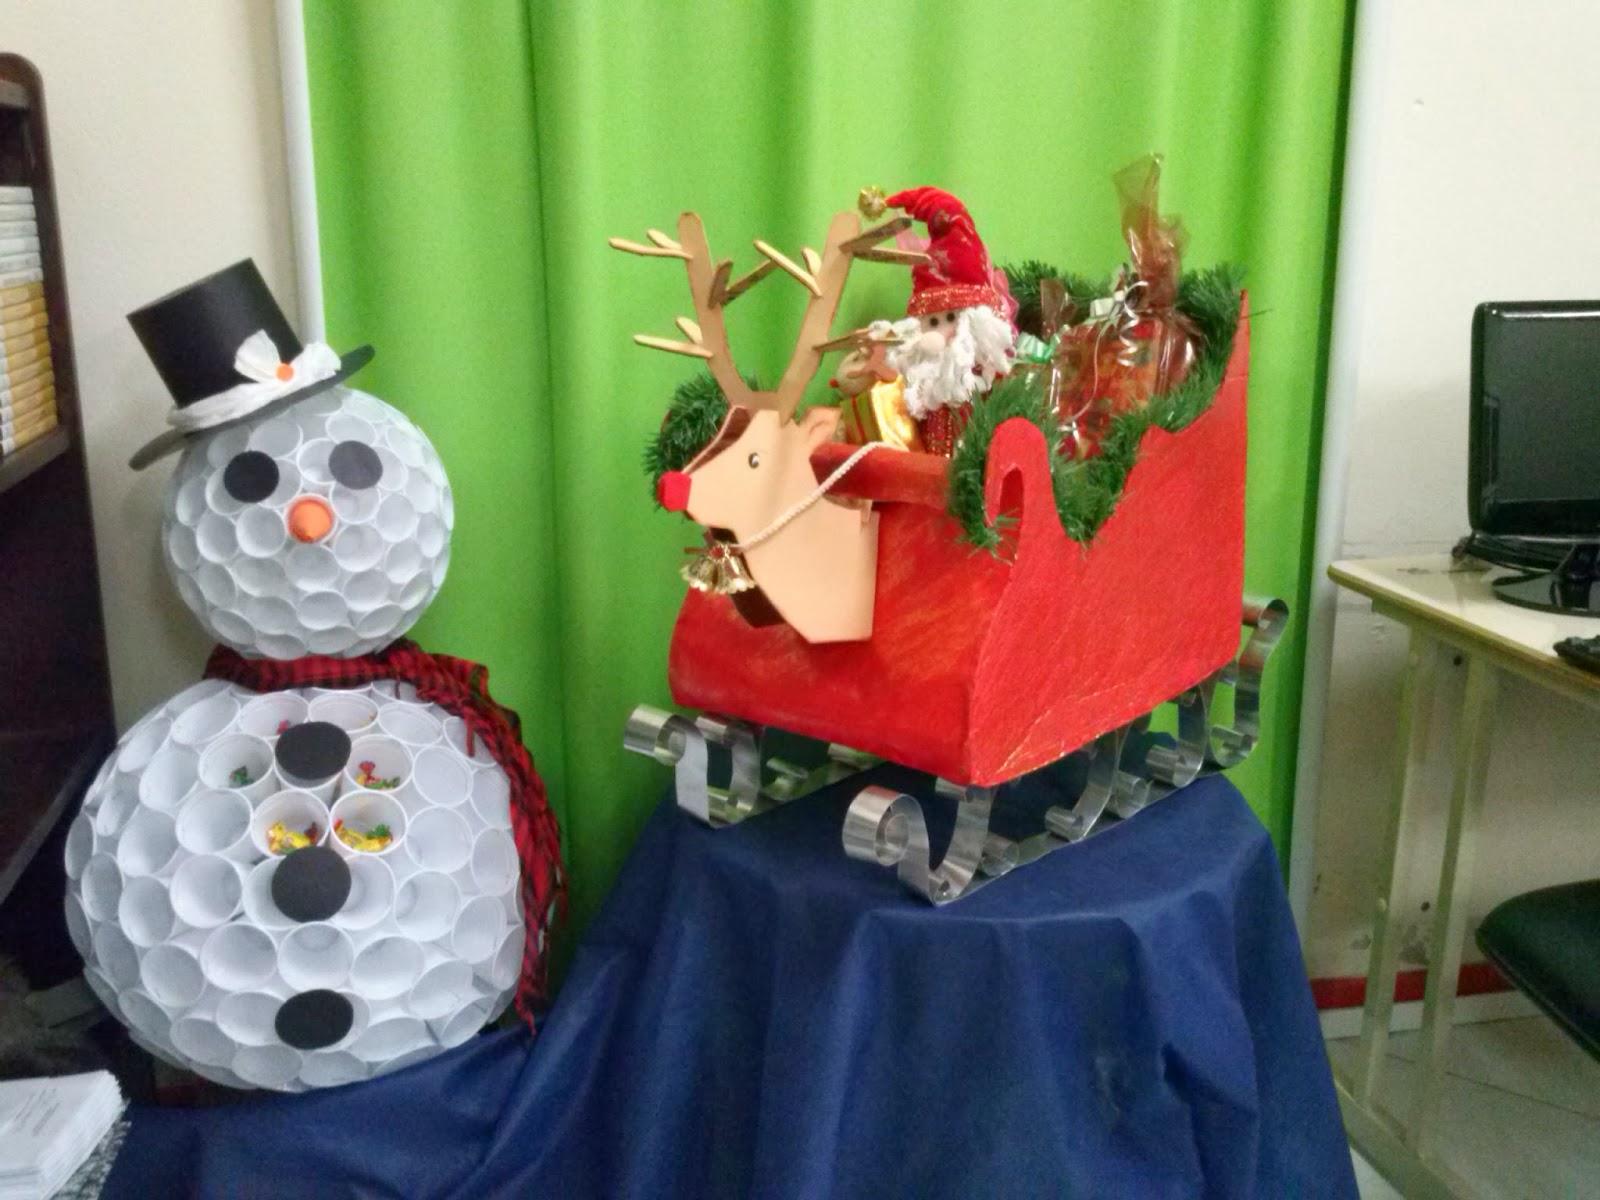 E E B MANOEL VICENTE GOMES Decoraç u00e3o de natal na escola -> Decoração De Natal Simples Escola